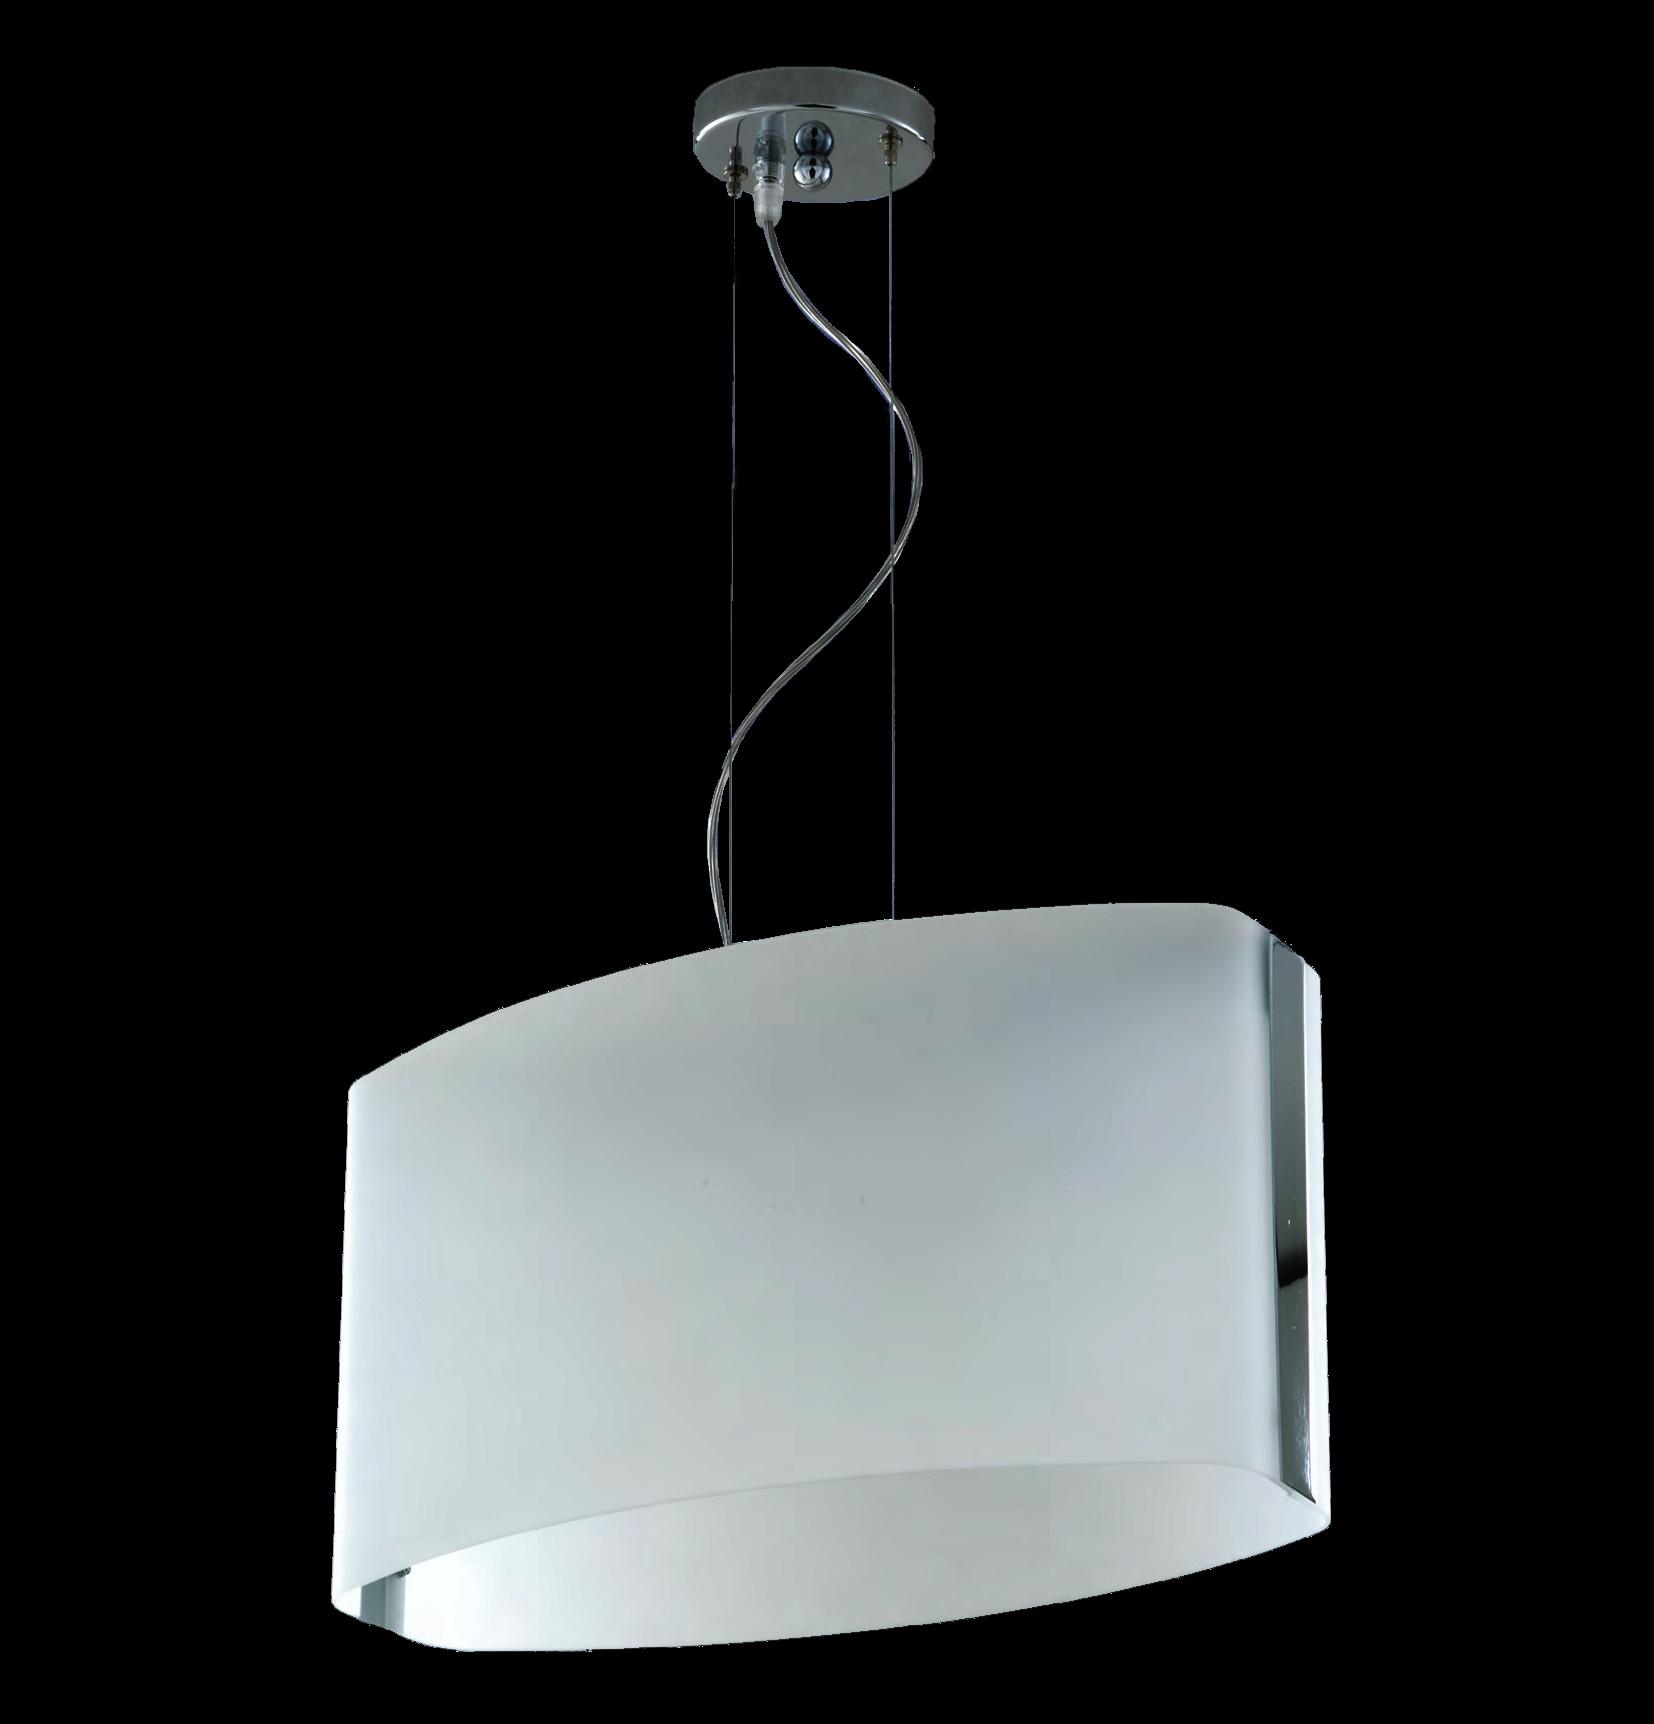 Lampadari Design Online. Lamp Pendant Serralunga Lampadaria Design ...